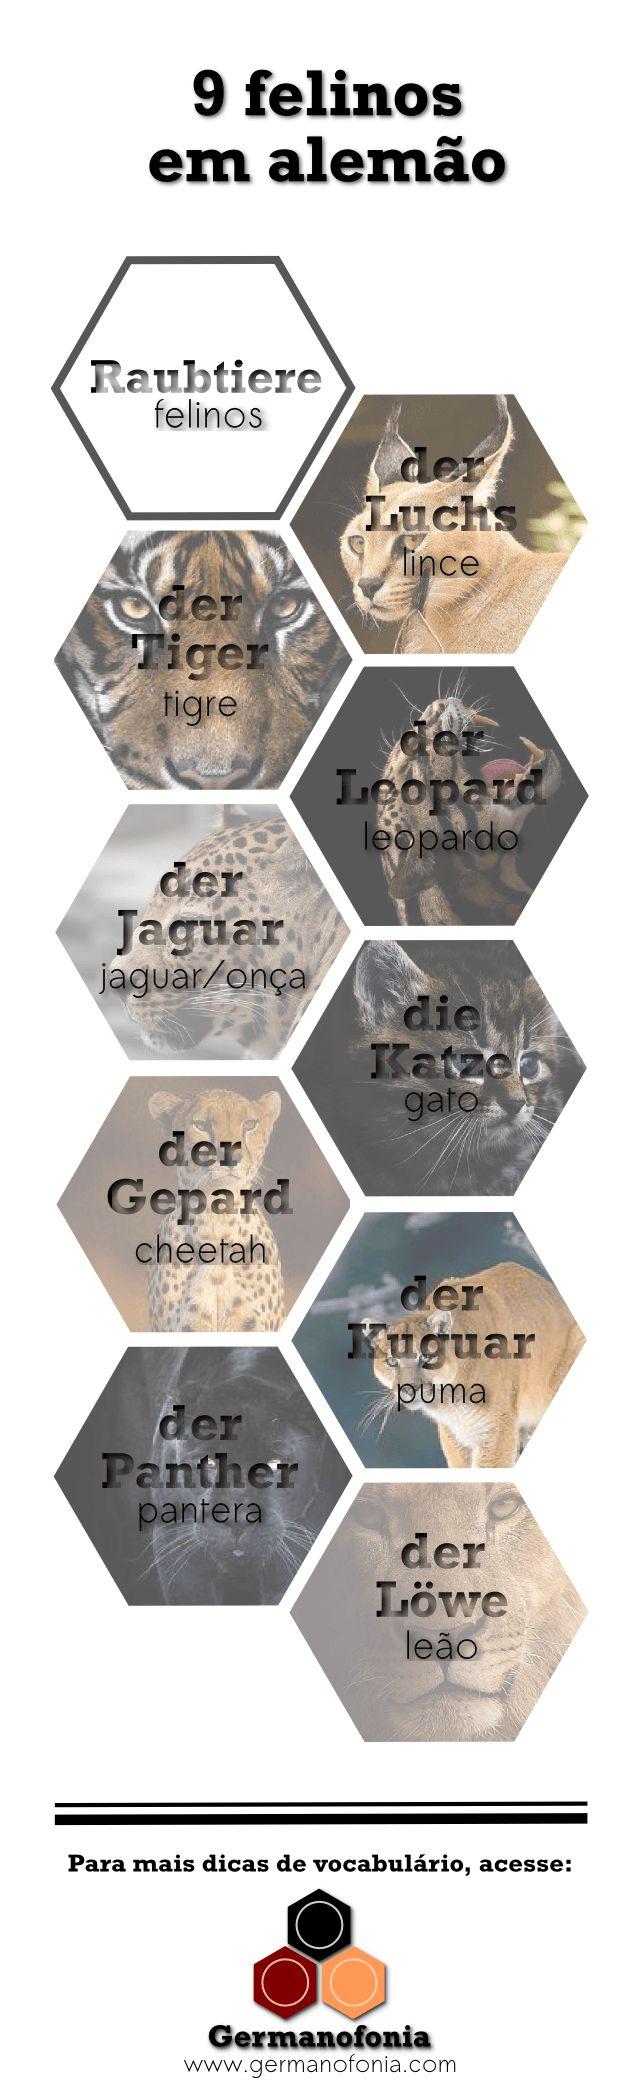 felinos em alemão